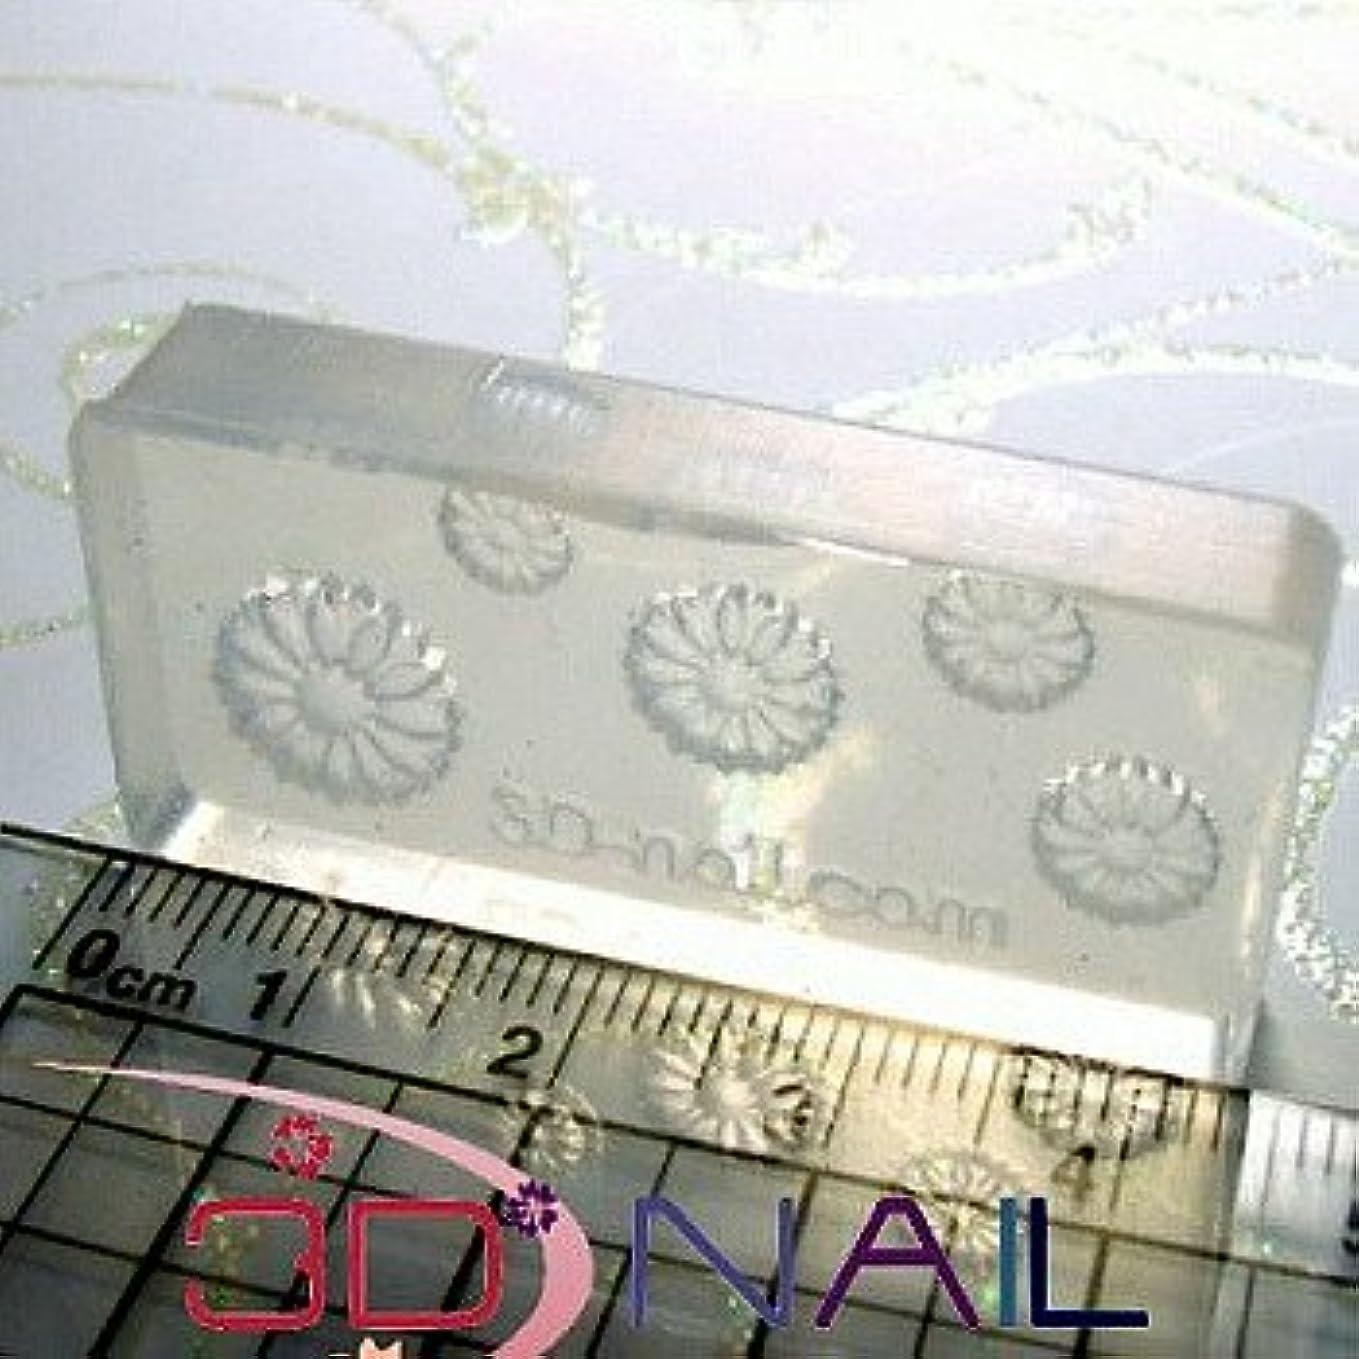 無視する伴う破滅的な3Dシリコンモールド 自分でできる3Dネイル ネイルアート3D シリコン型 アクリルパウダーやジェルで簡単に!